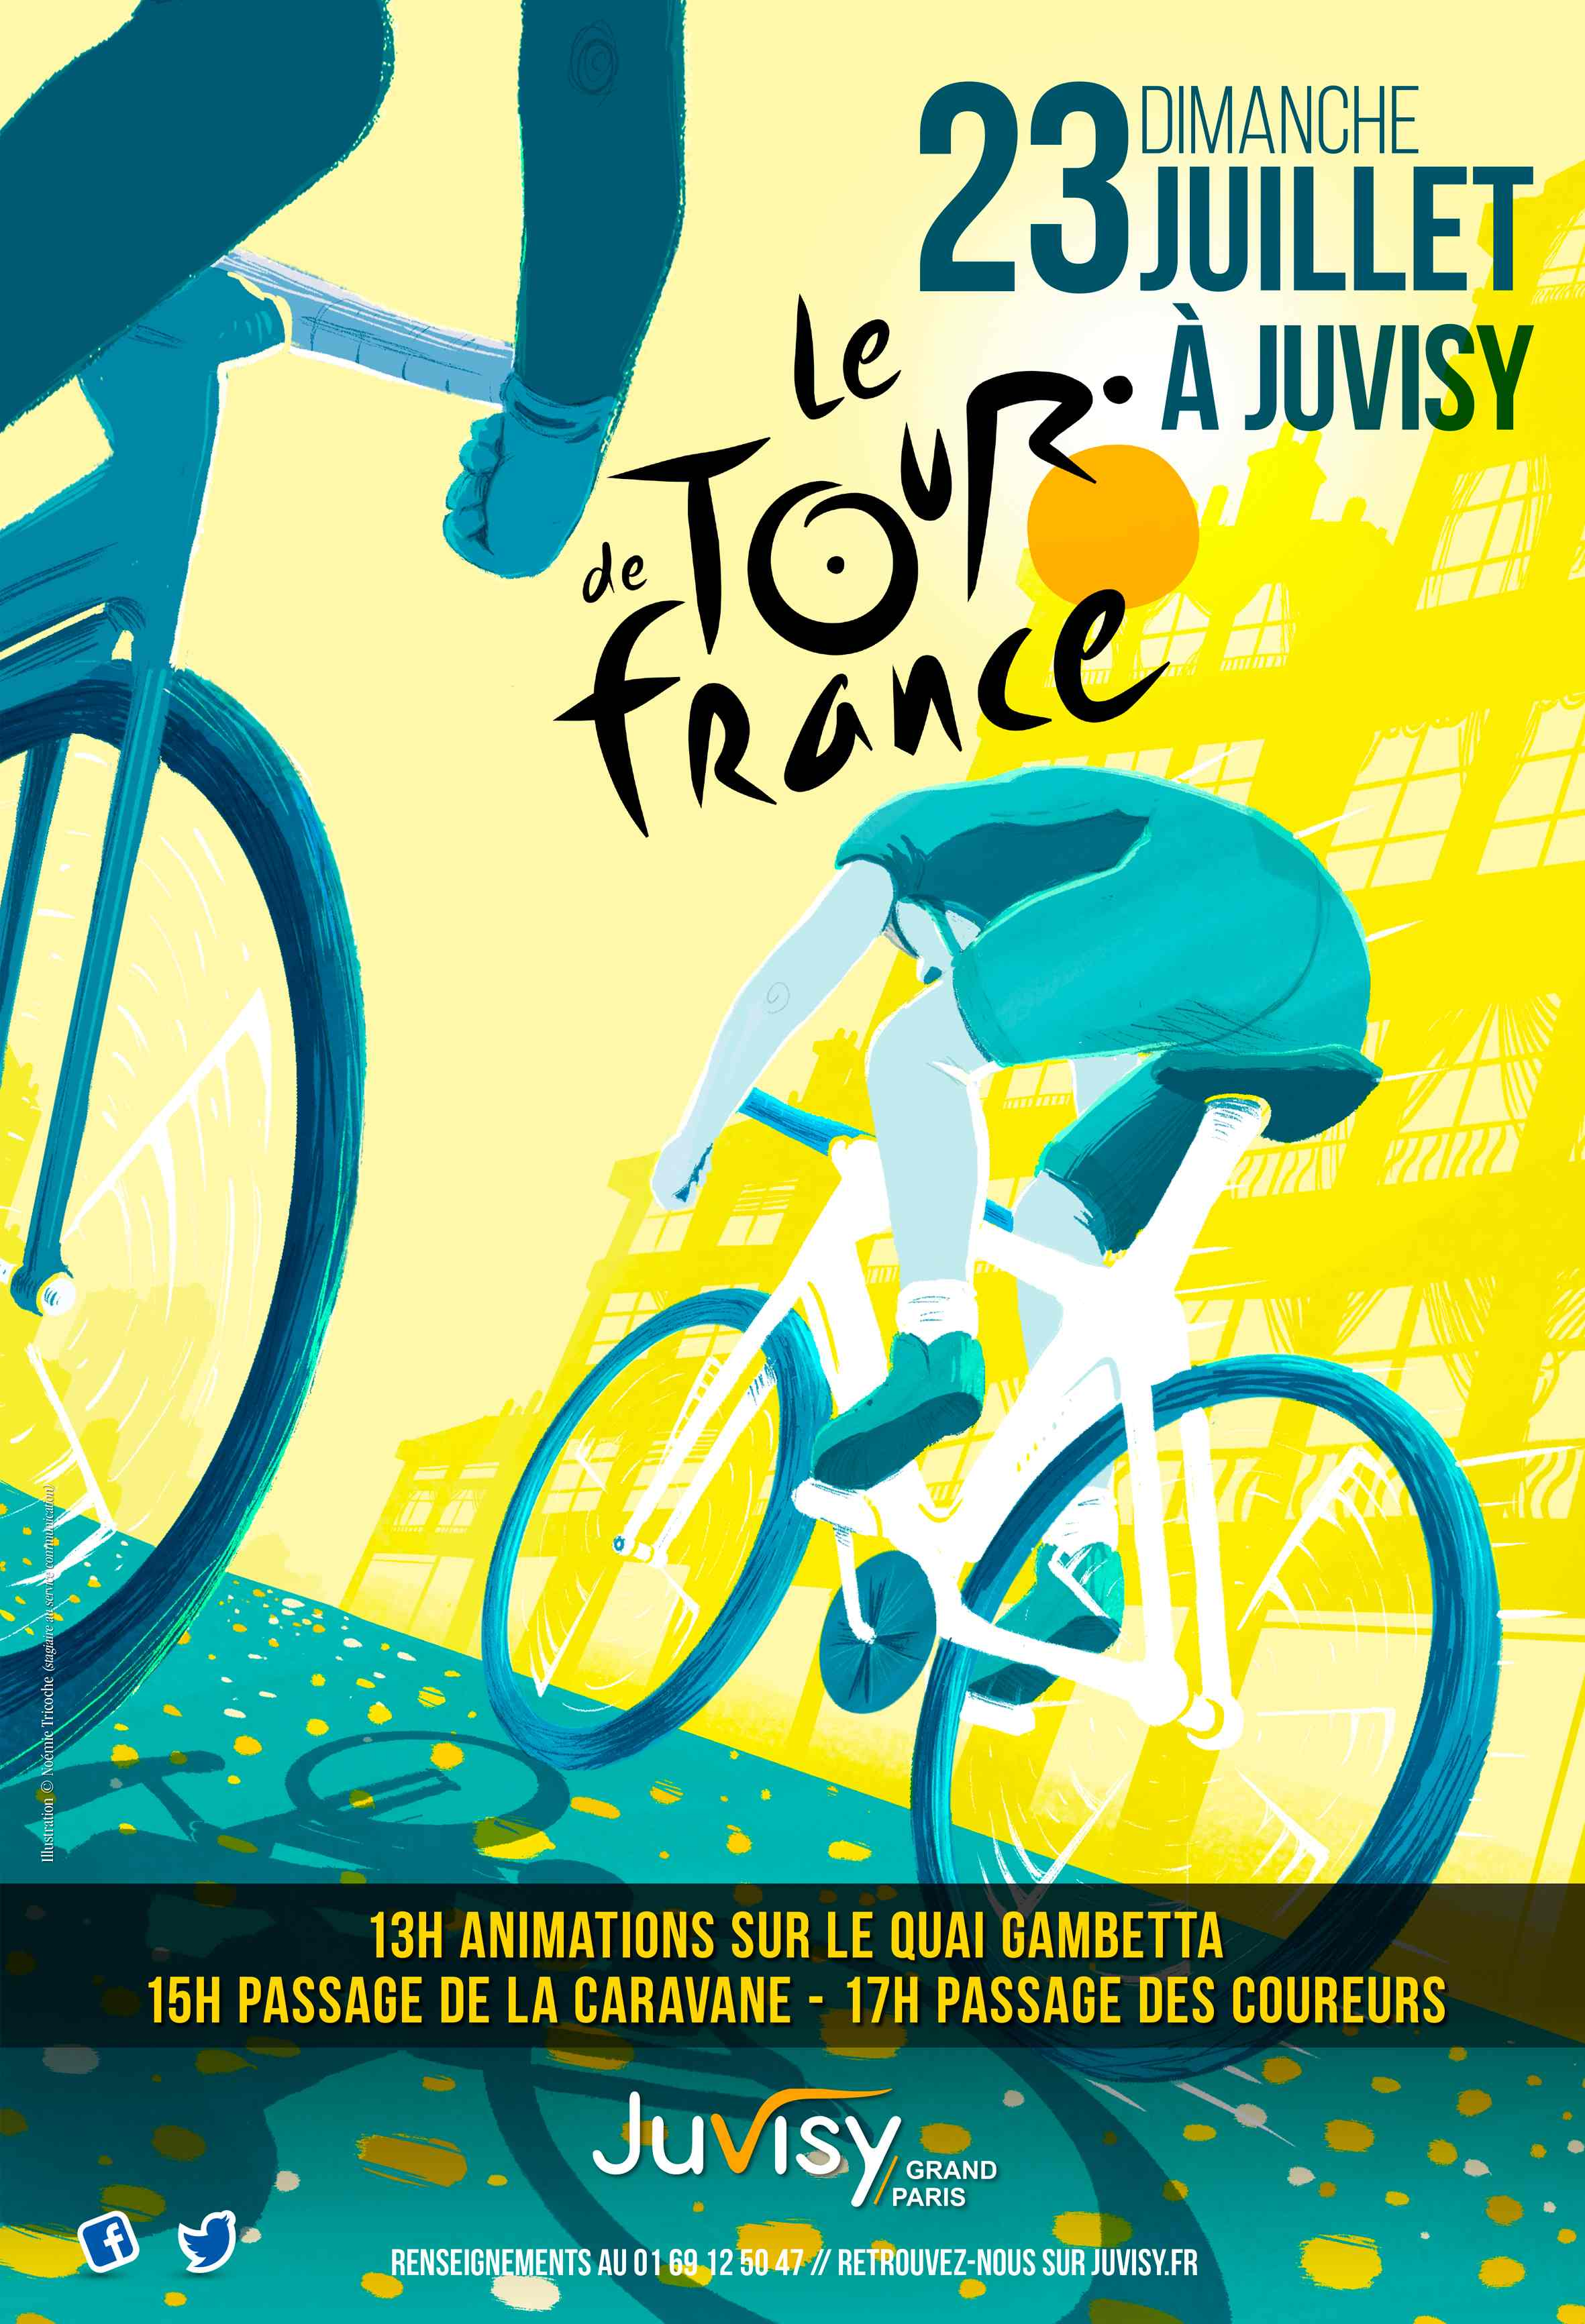 Tour de France Juvisy